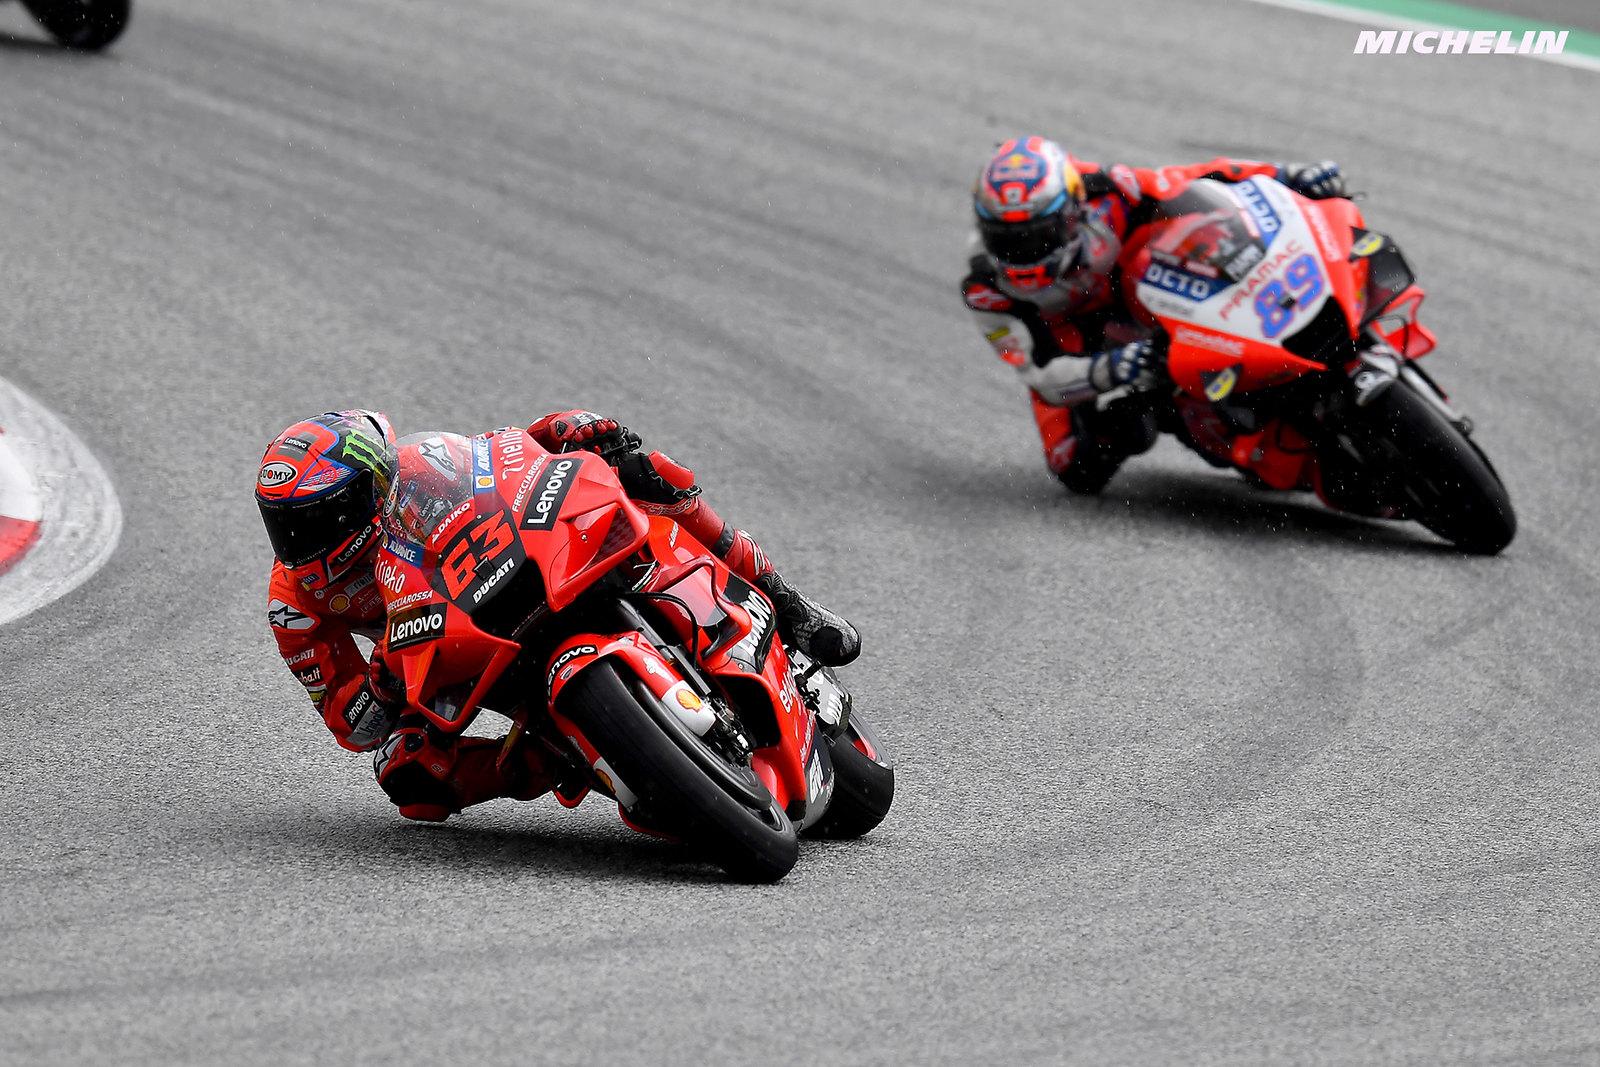 MotoGP2021オーストリアGP 2位フランセスコ・バグナイア「今日は表彰台を逃したと思っていた」